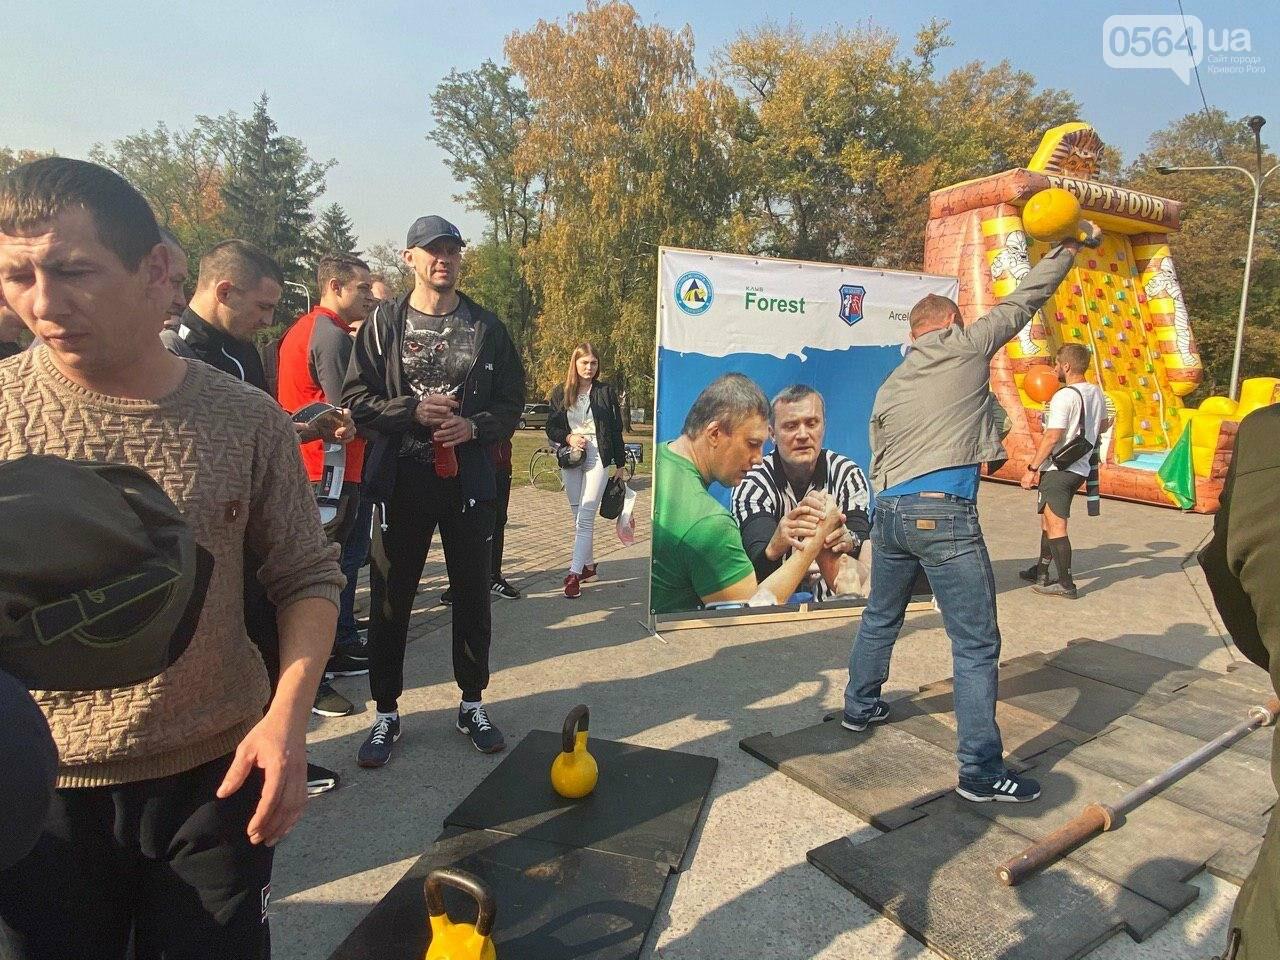 Сильные криворожские мужчины соревновались в поднятии гири, - ФОТО, ВИДЕО , фото-19